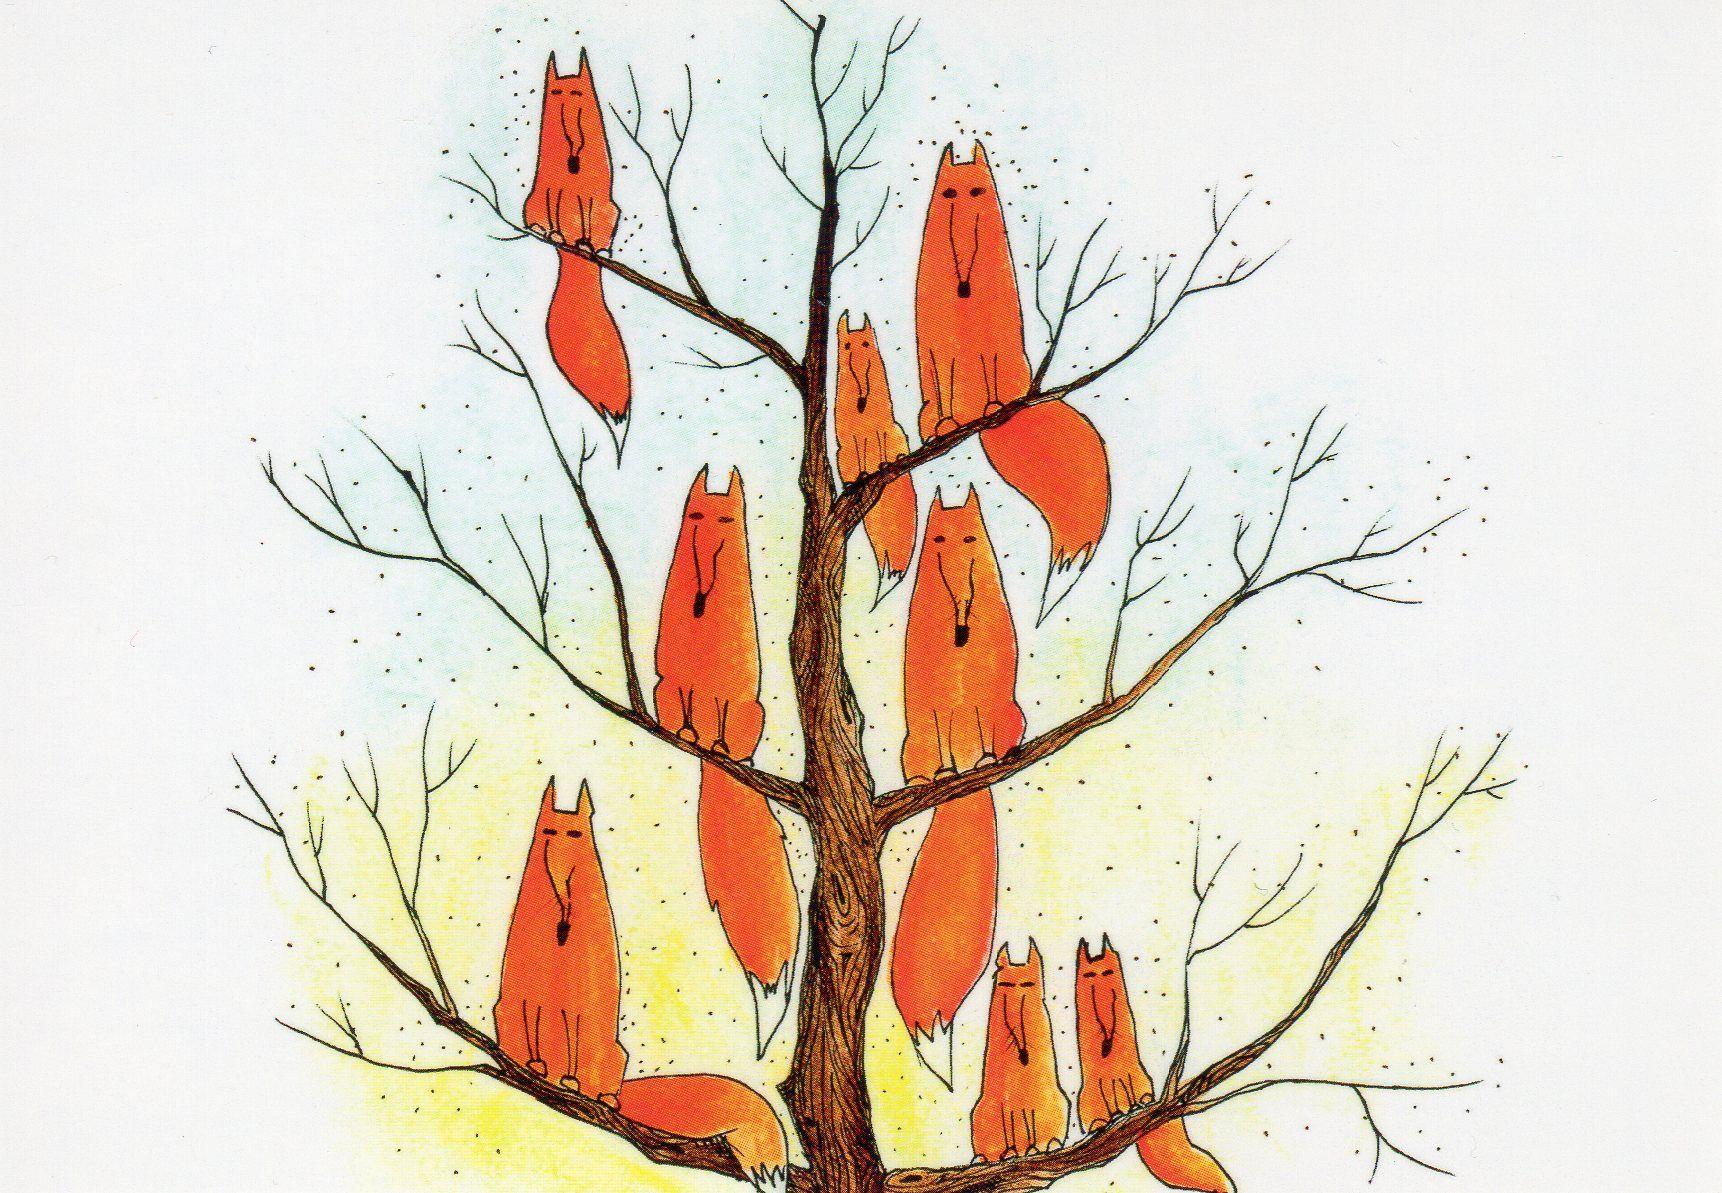 Postcard designed by Marysya Rudska